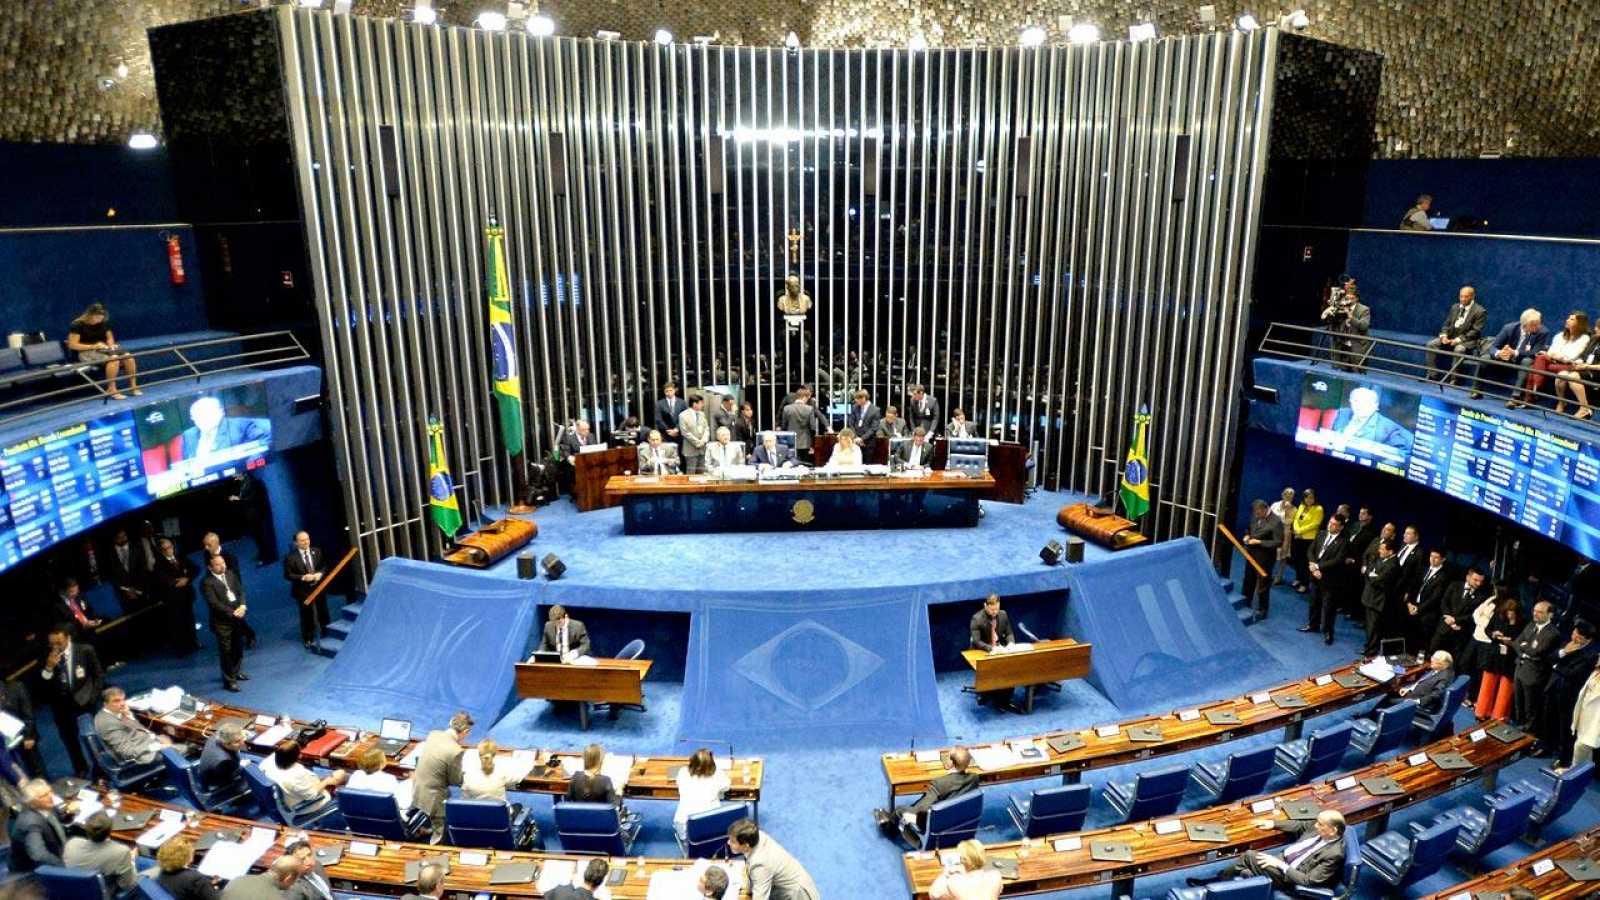 Presentan una propuesta en el Senado de Brasil para regular las transacciones de Bitcoin y otras criptomonedas, bajo el control del Banco Central y la Comisión de Bolsa y Valores del país